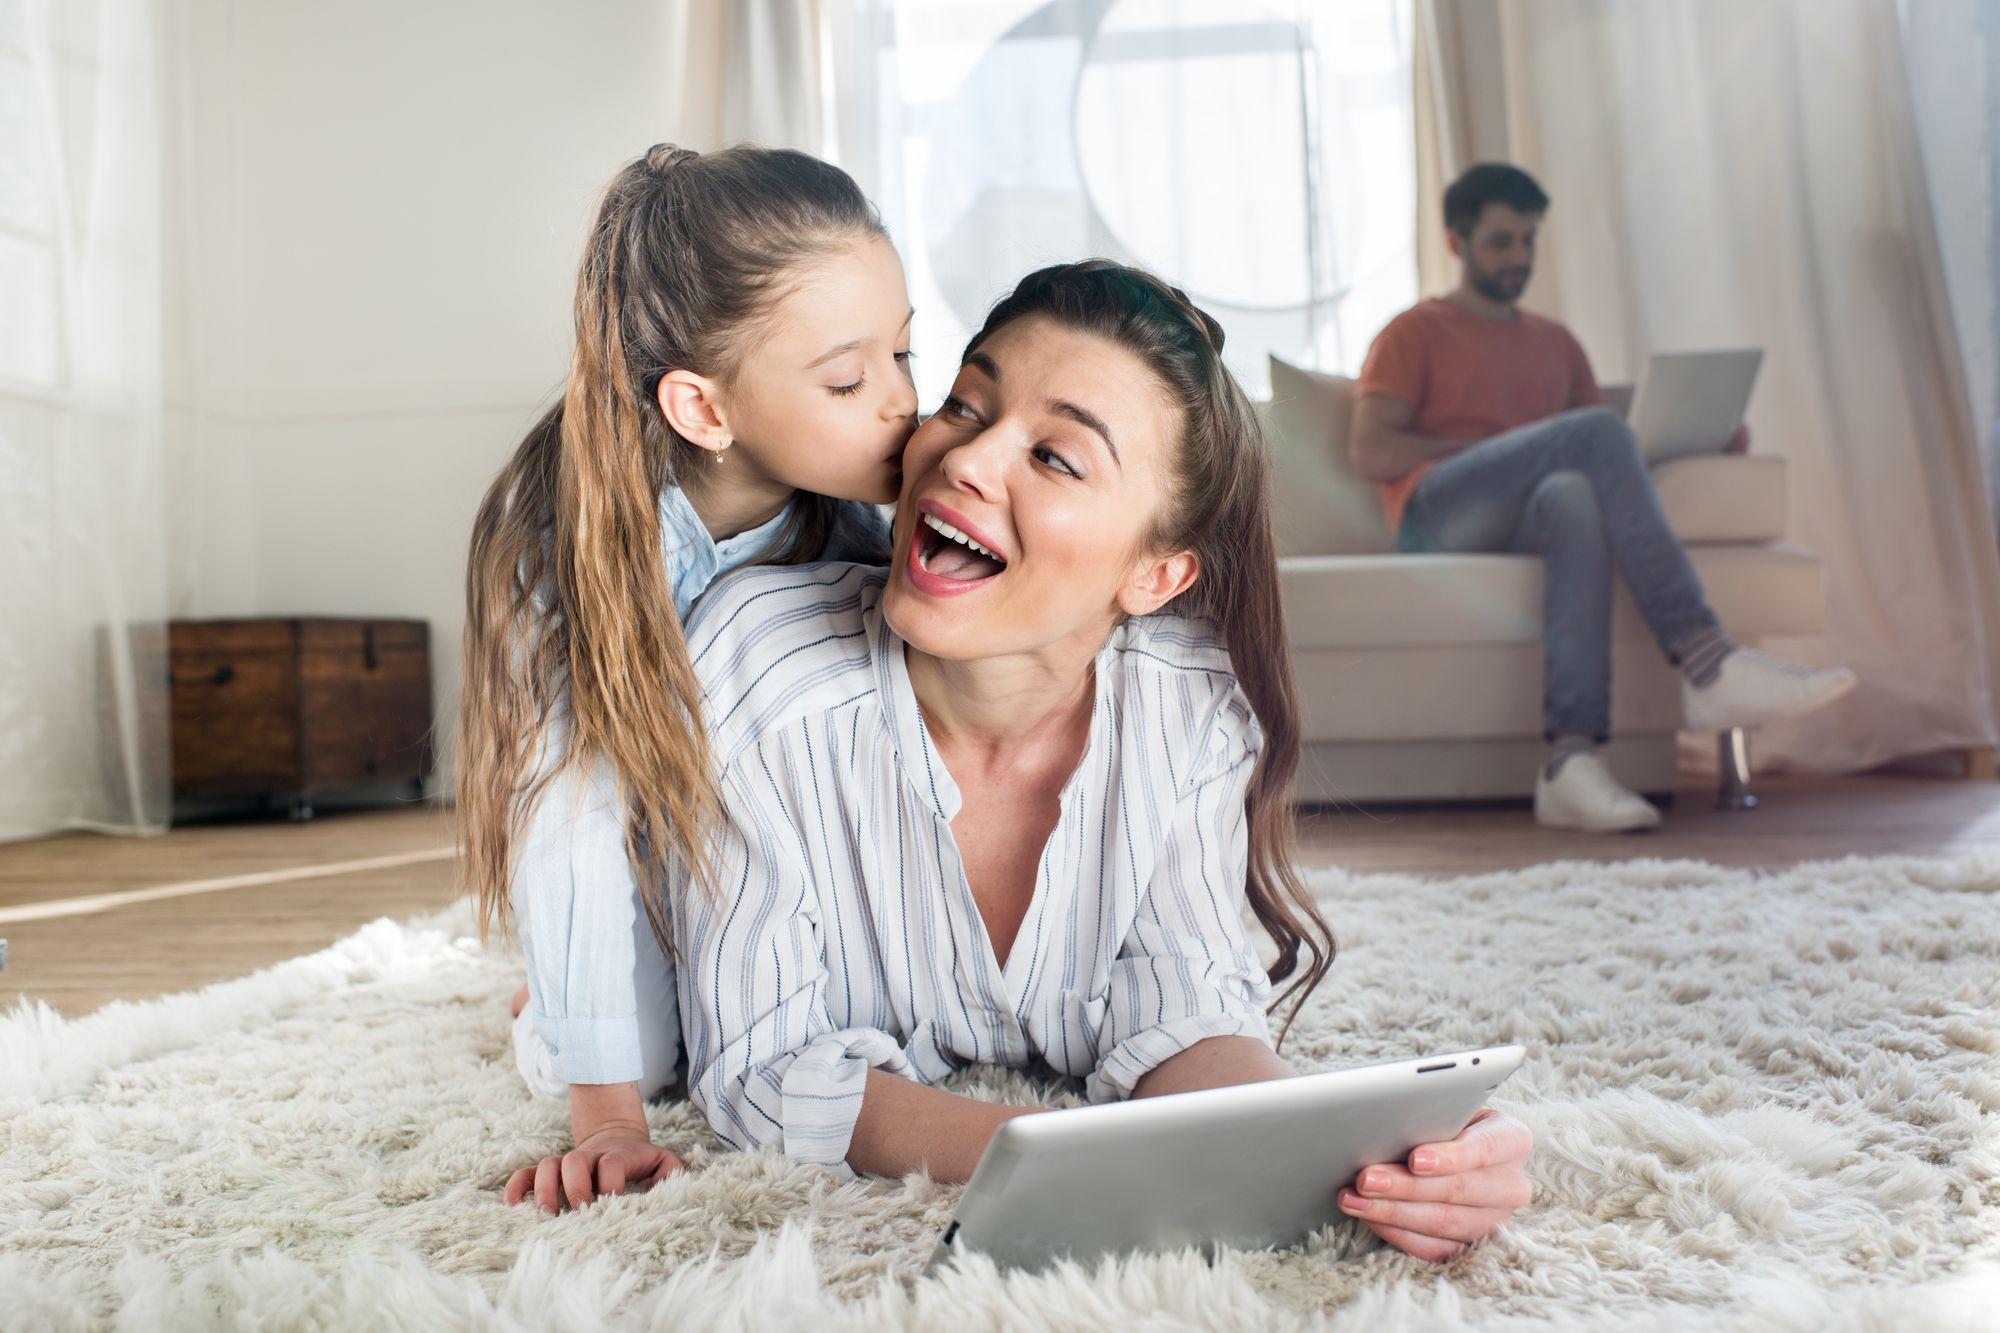 10 business ideas for entrepreneurial moms